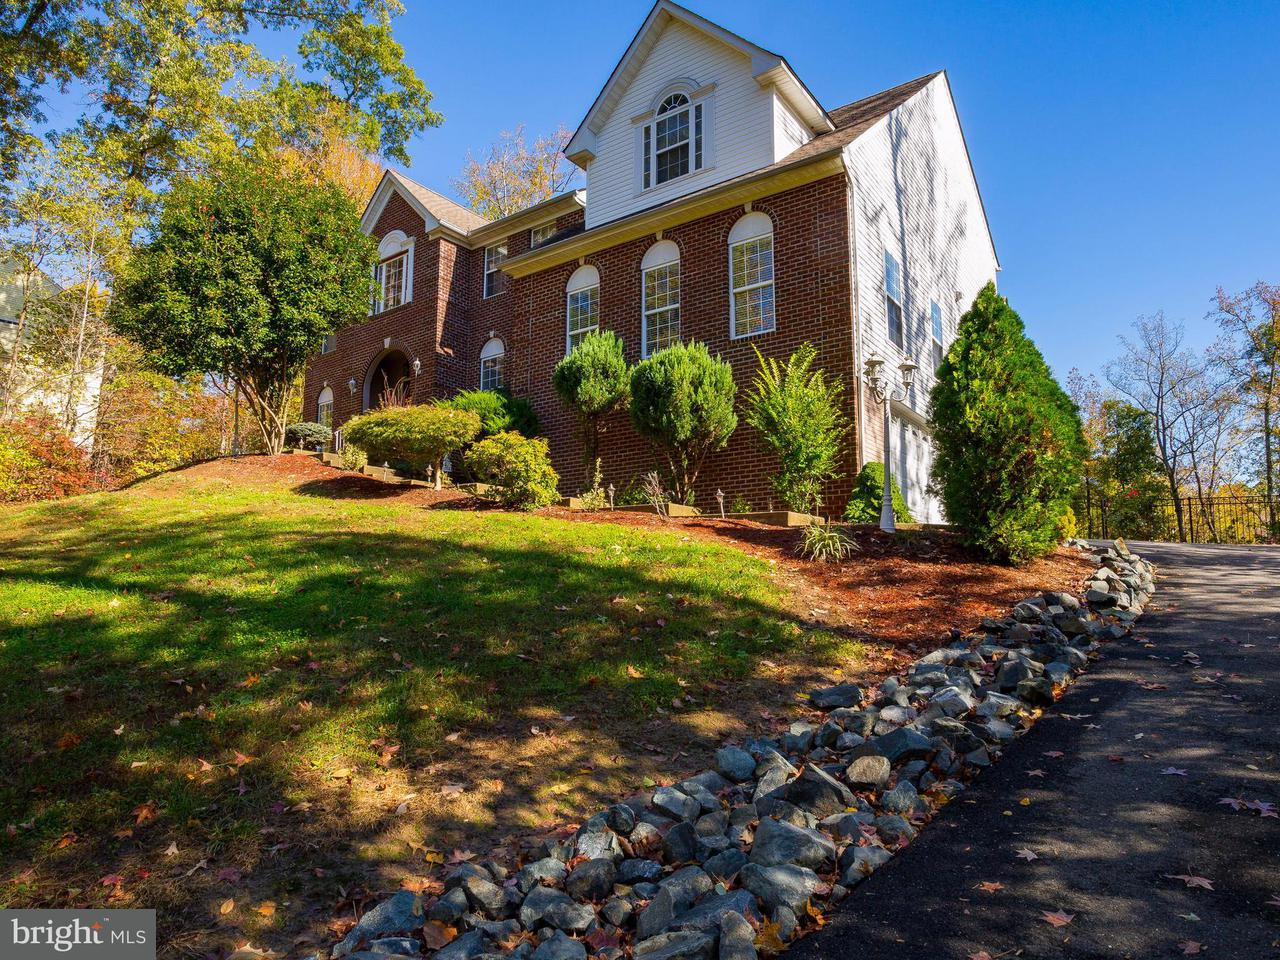 Casa Unifamiliar por un Venta en 38 POPLAR VIEW Drive 38 POPLAR VIEW Drive Stafford, Virginia 22554 Estados Unidos